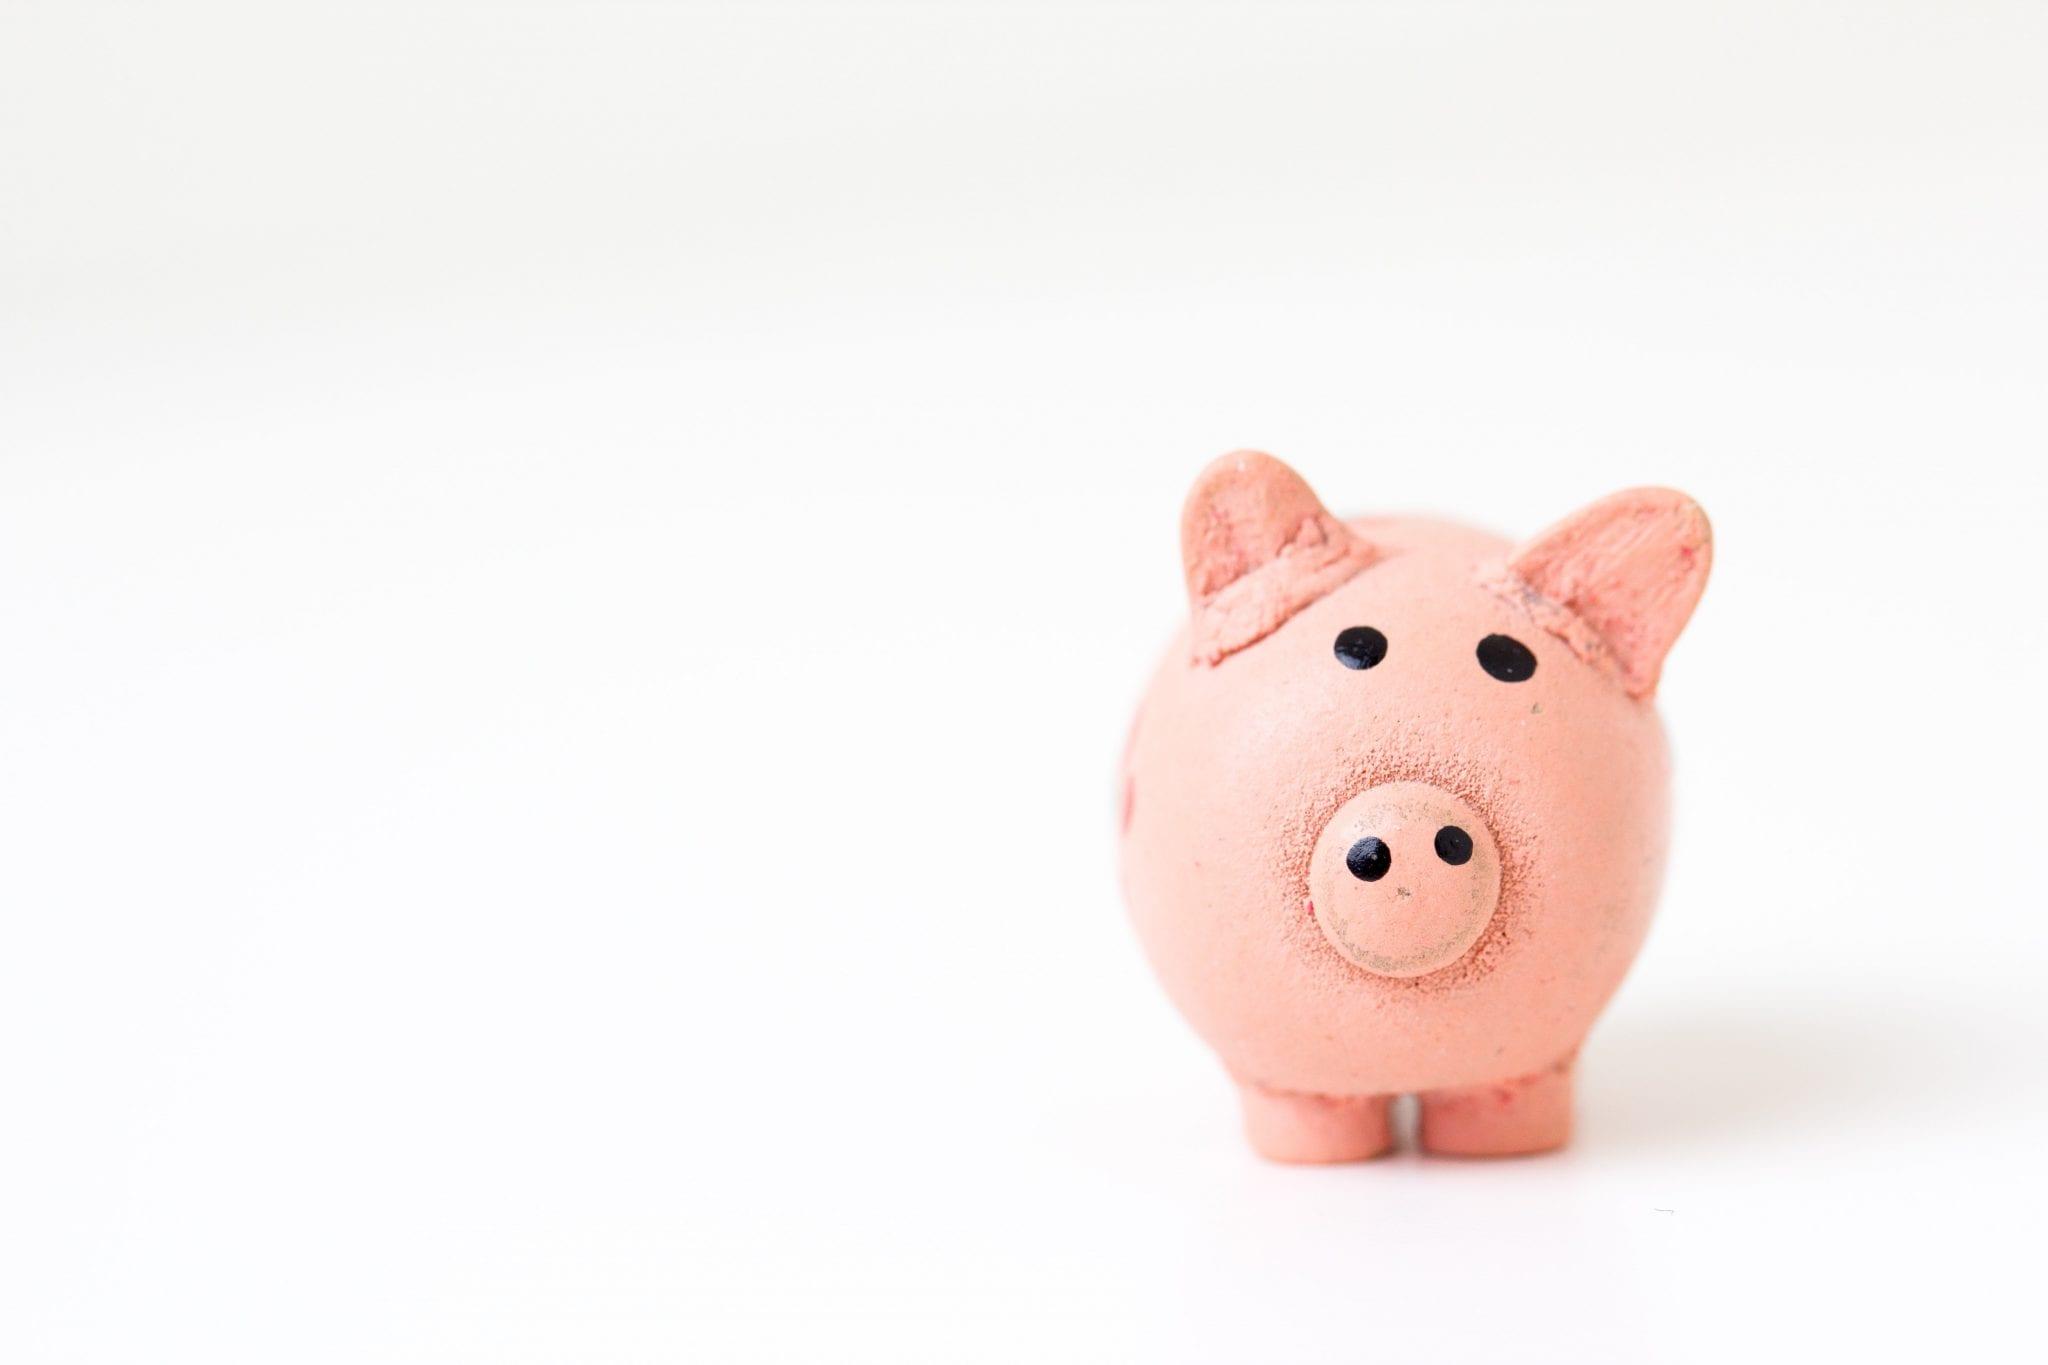 Faire un achat immobilier sans apport : est-ce possible ?